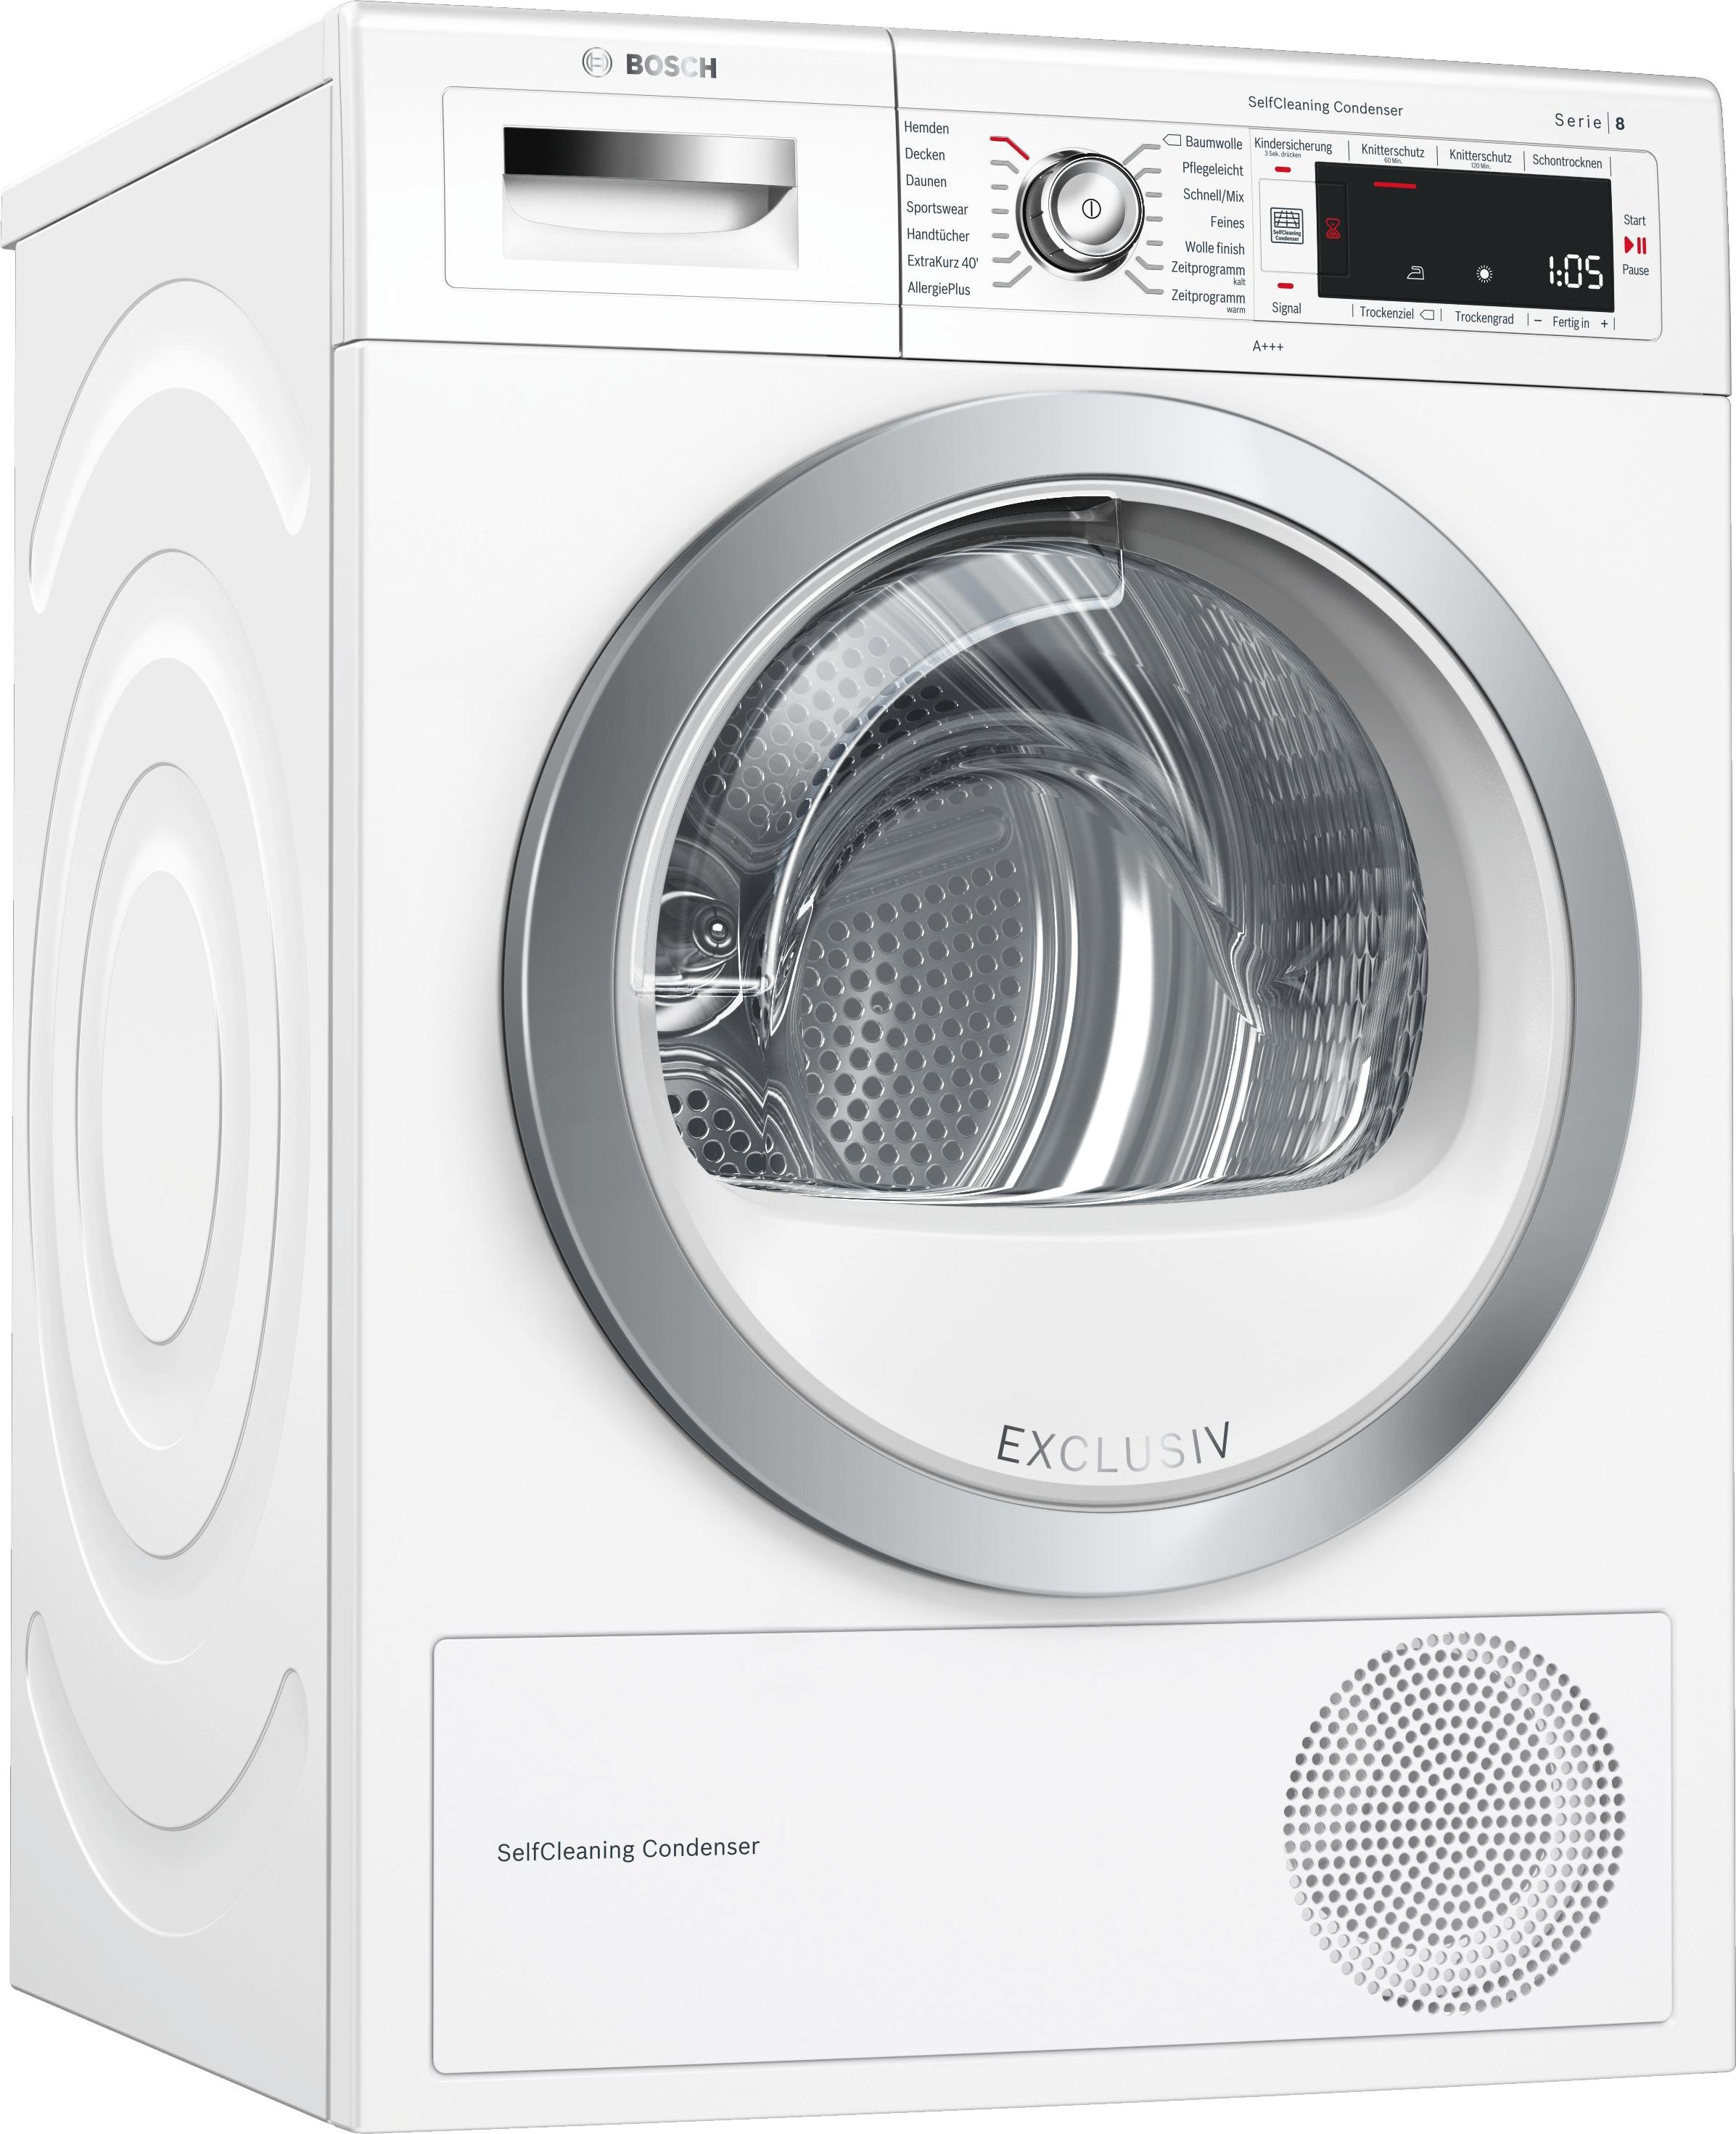 Bosch WTW875E27 Warmepumpentrockner Exclusiv SelfCleaning Condenser